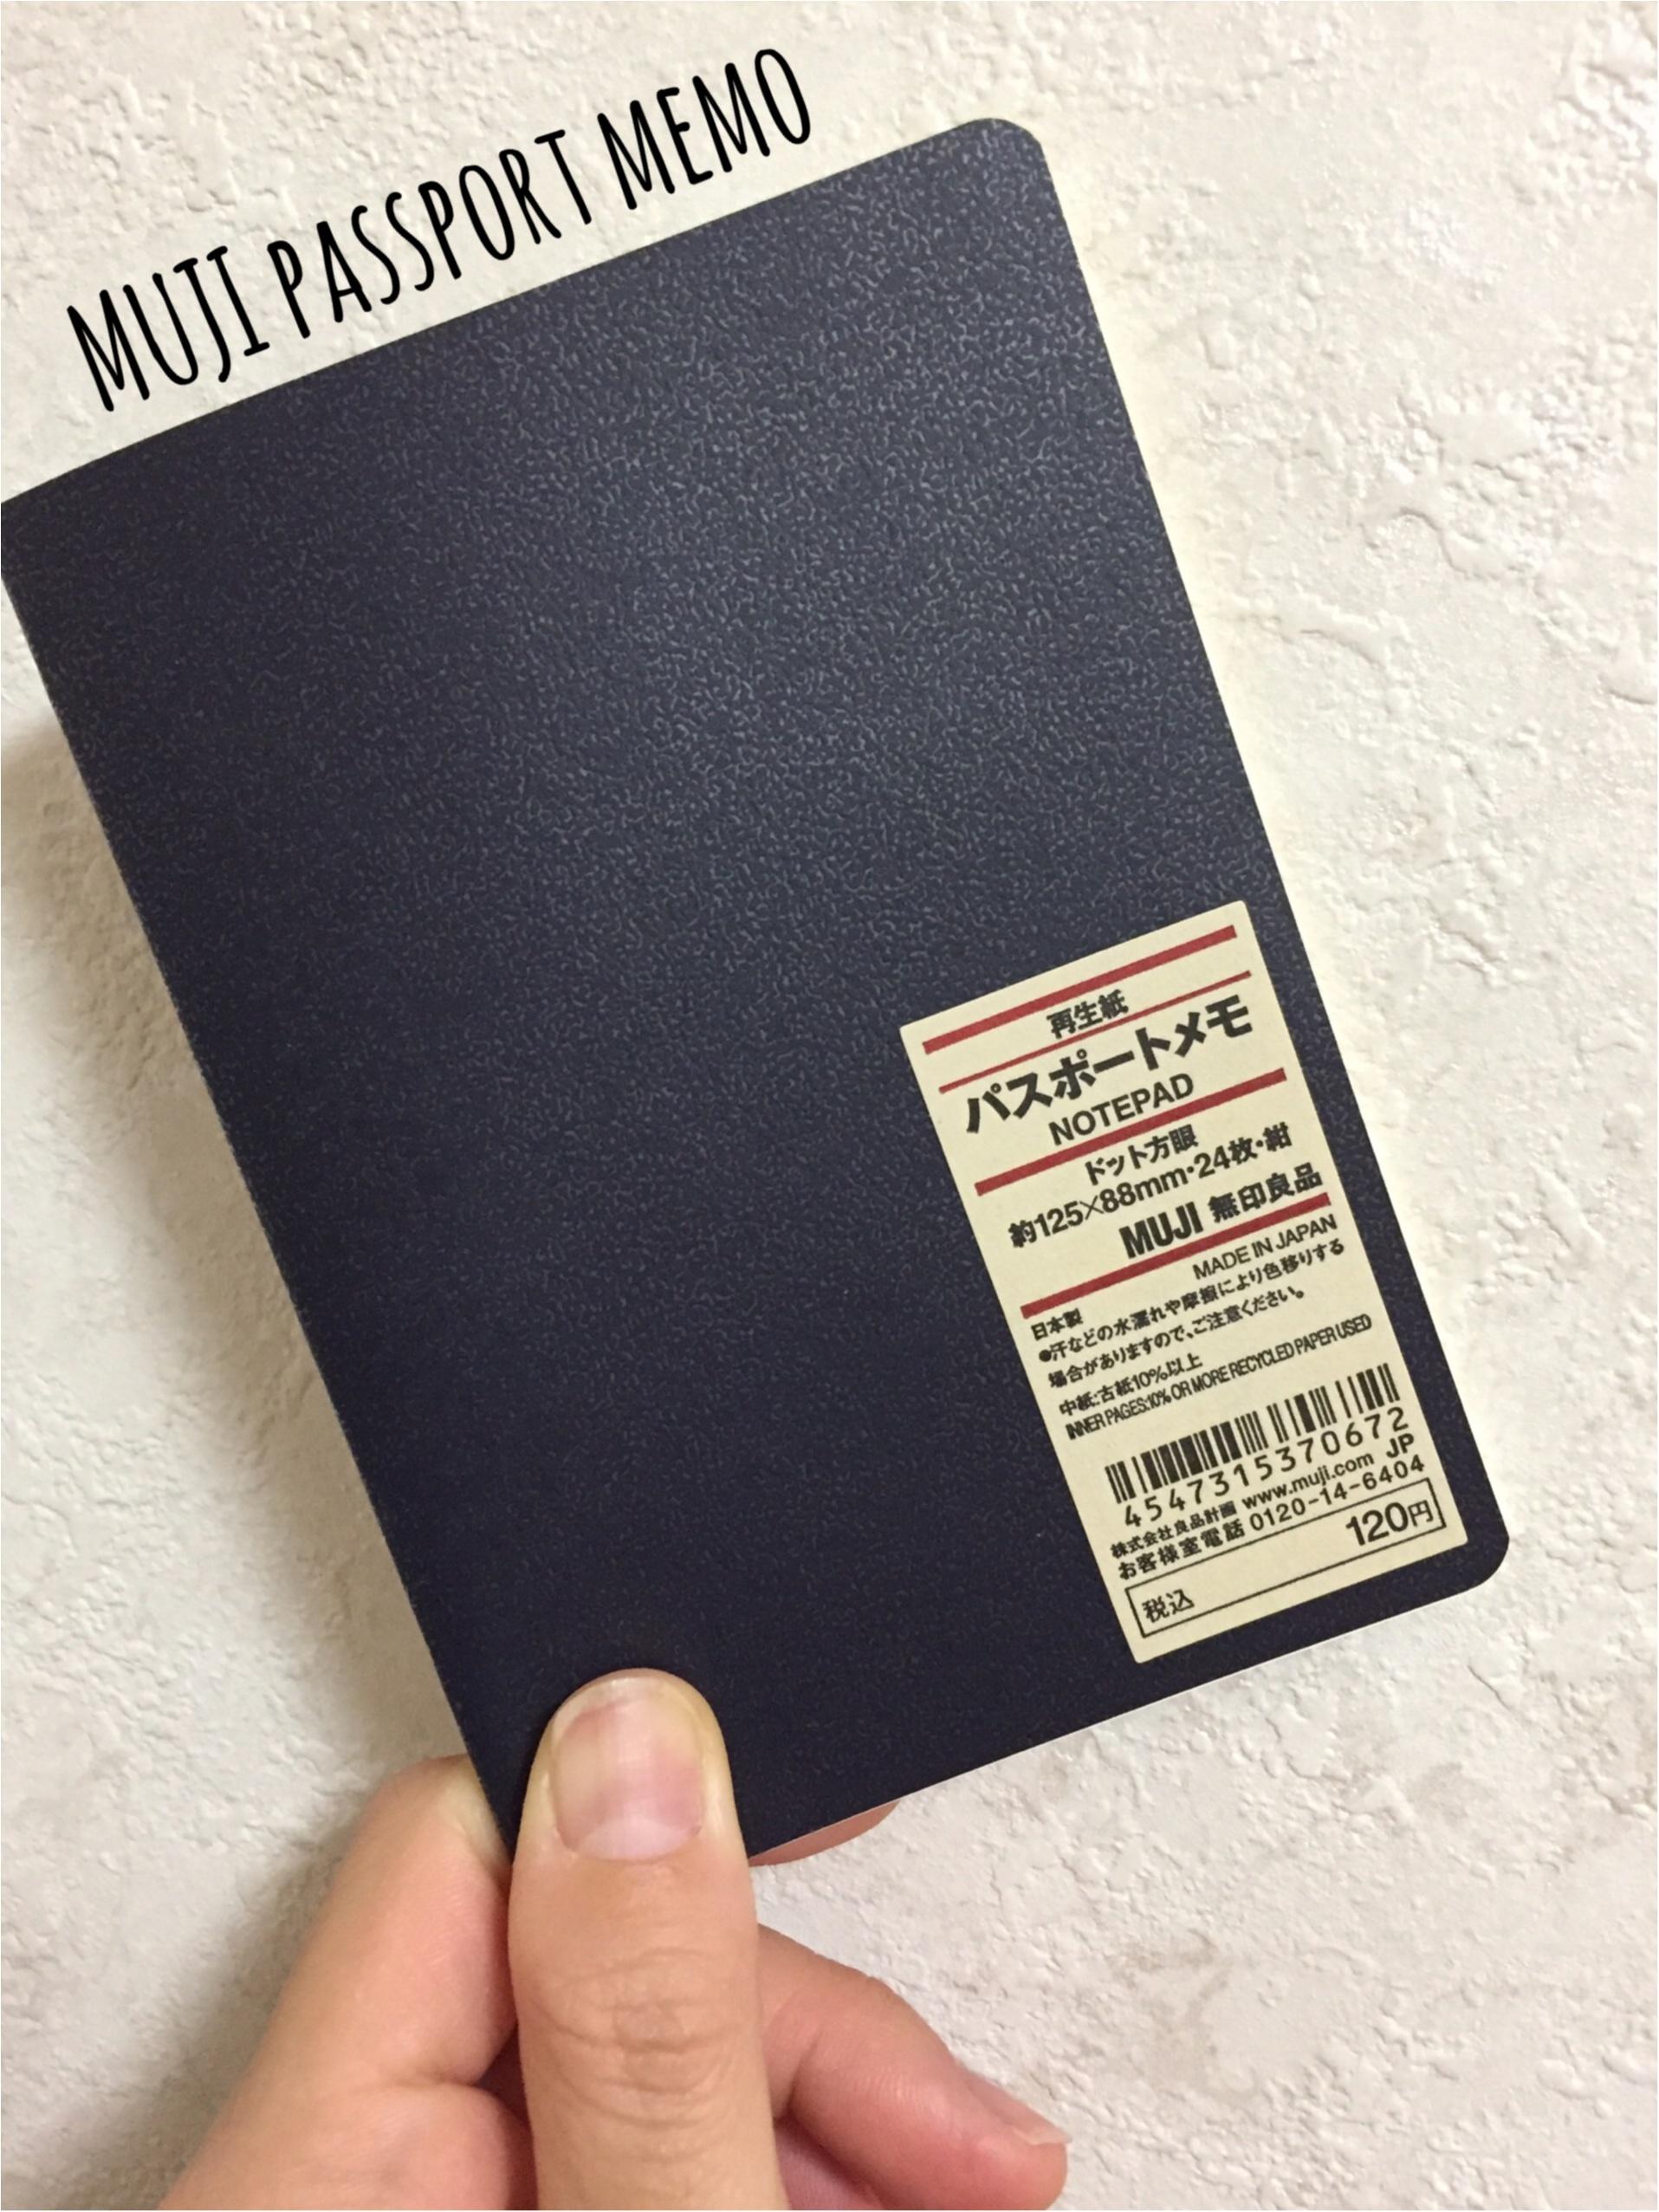 無印良品のパスポートメモ